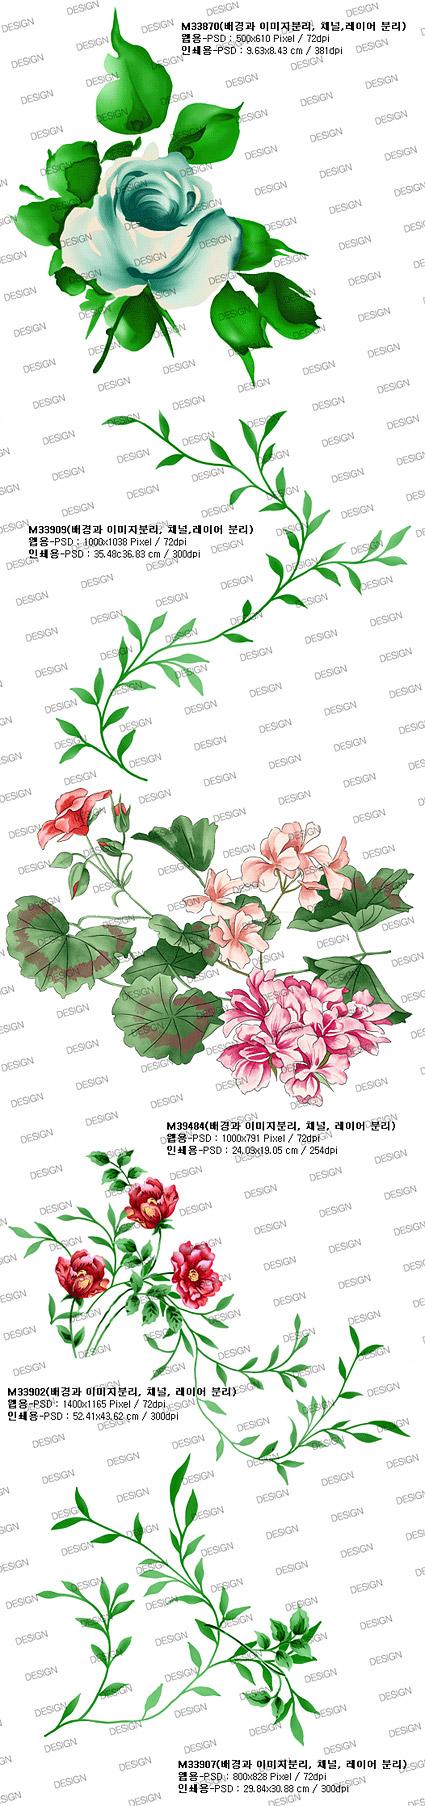 Цветы и листья слоистой ОСЧС материал моды